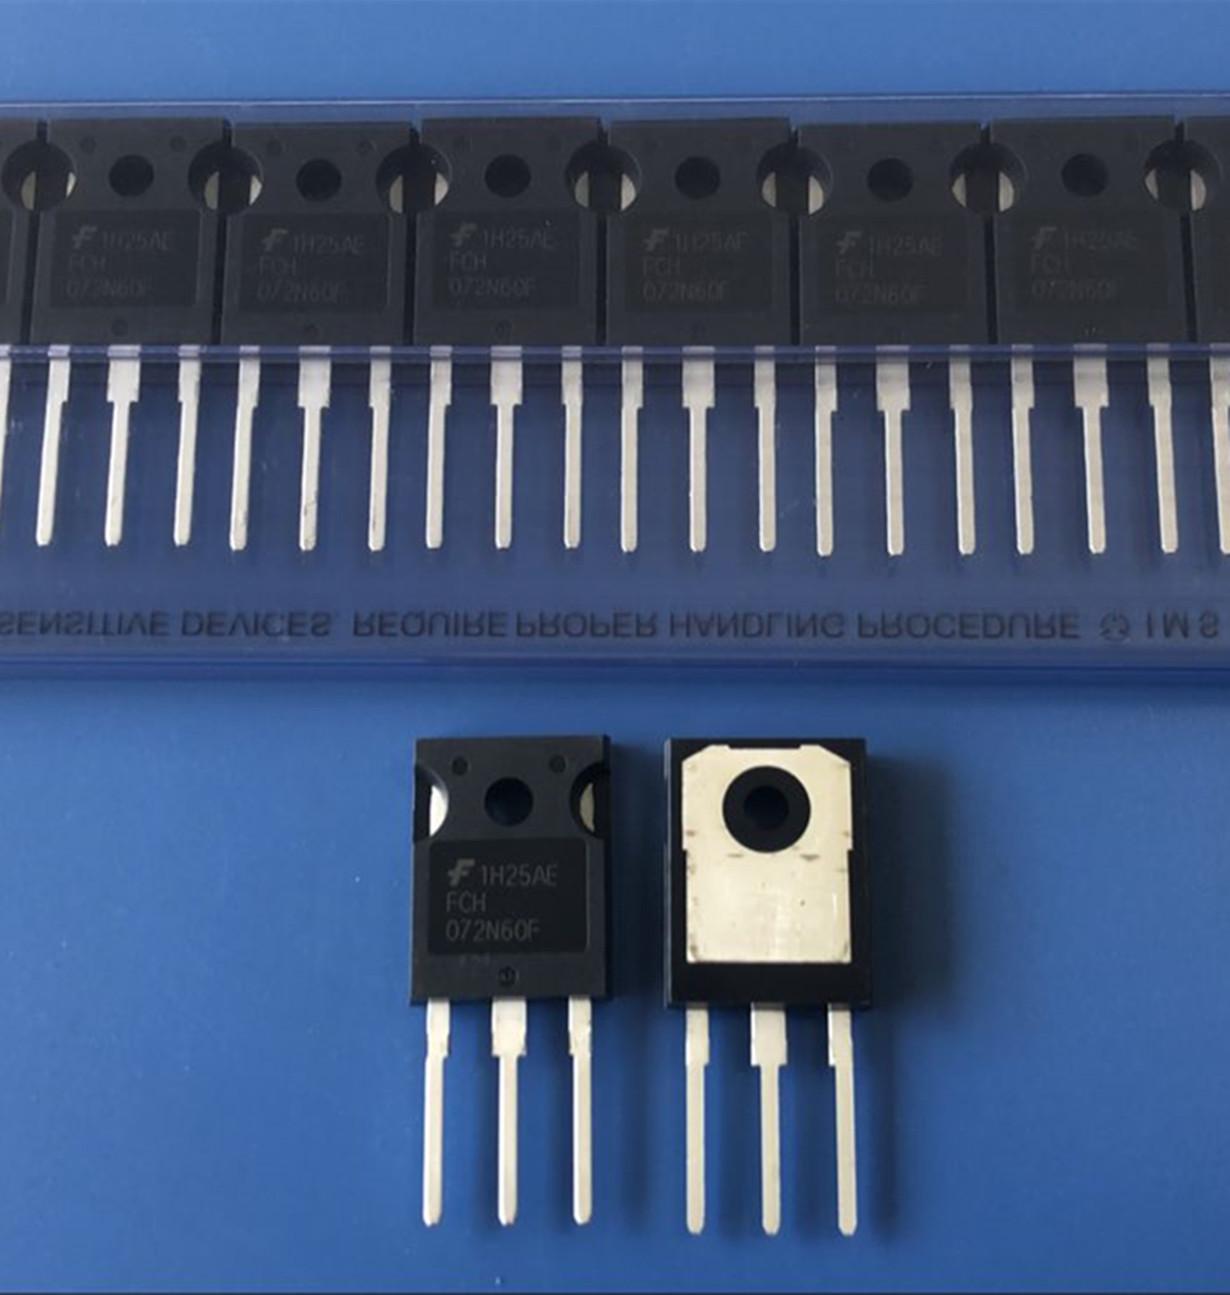 晟鑫微科技提供品质好的场效应管FCH072N60F-推荐场效应管FCH072N60F